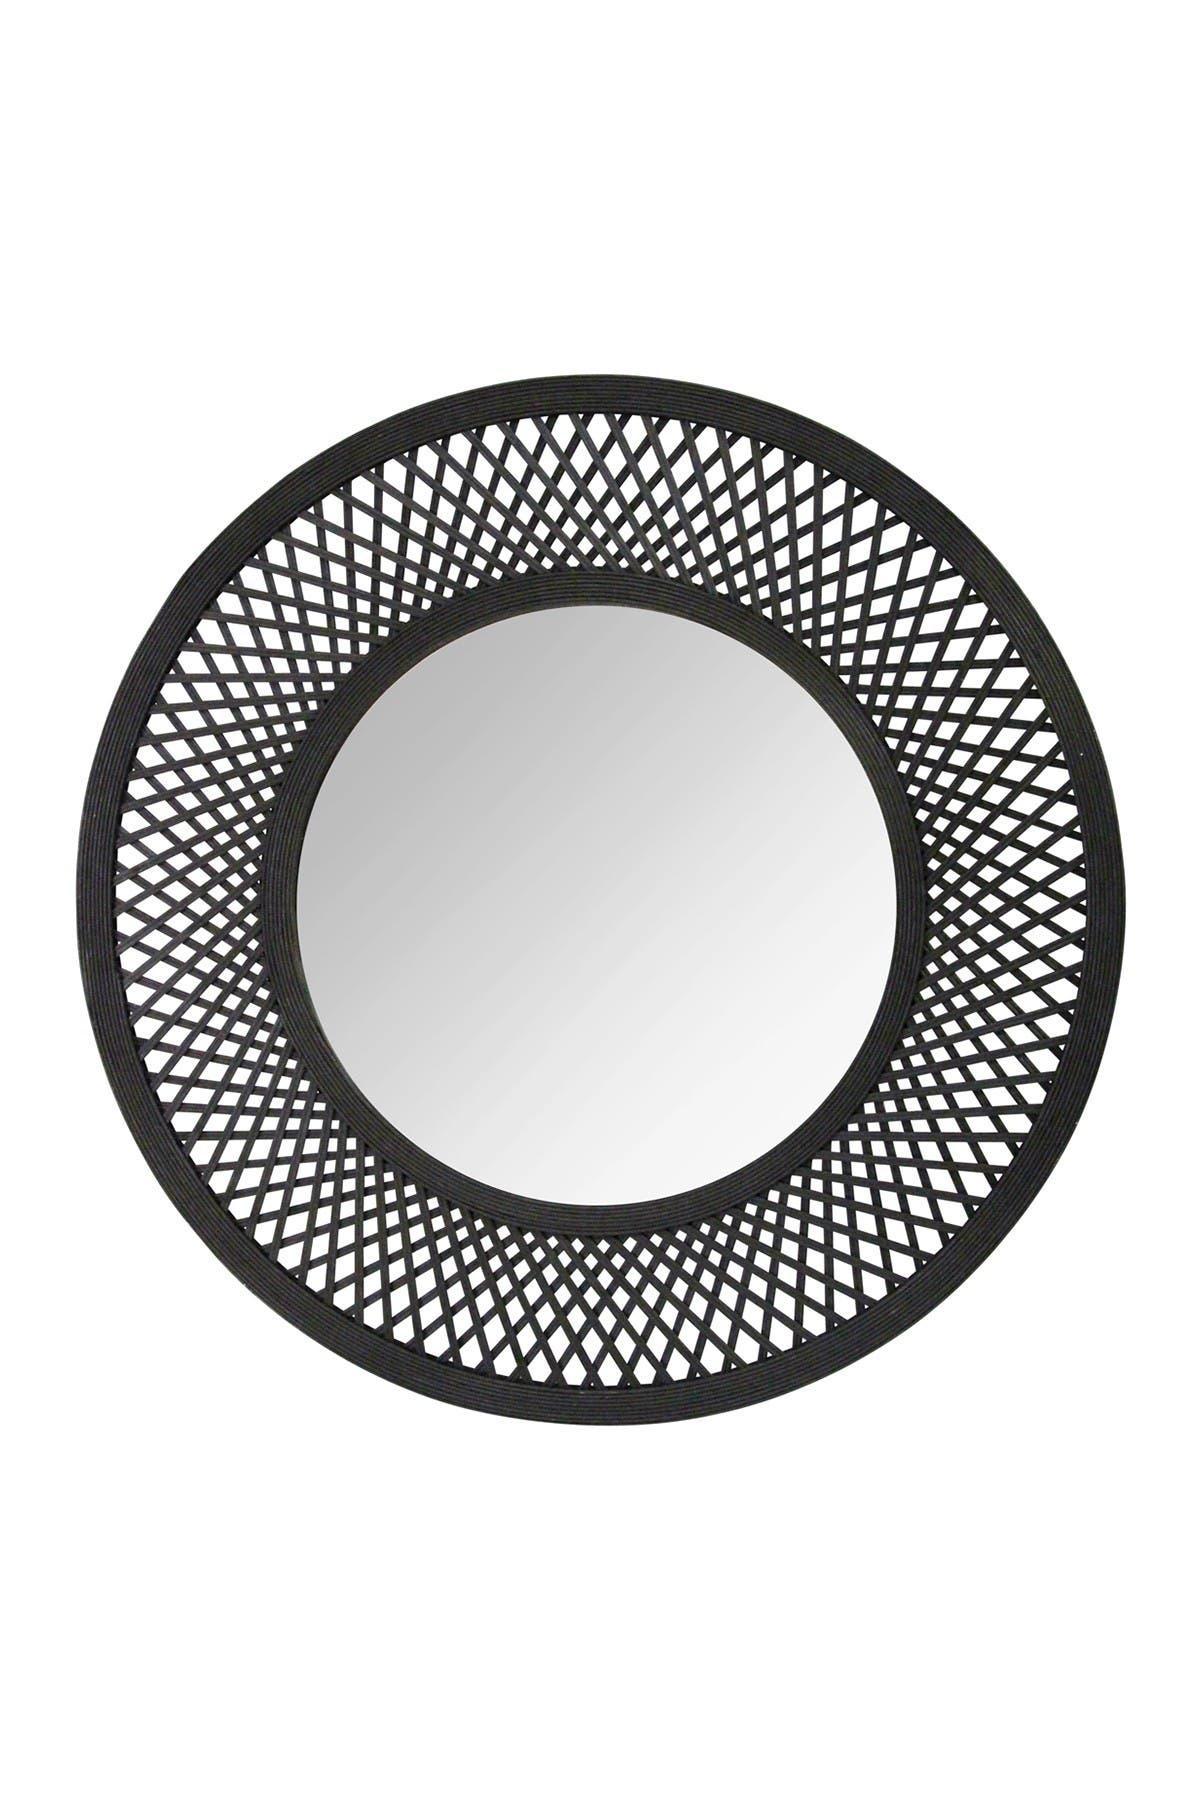 Image of Stratton Home Black Andi Black Woven Rattan Mirror